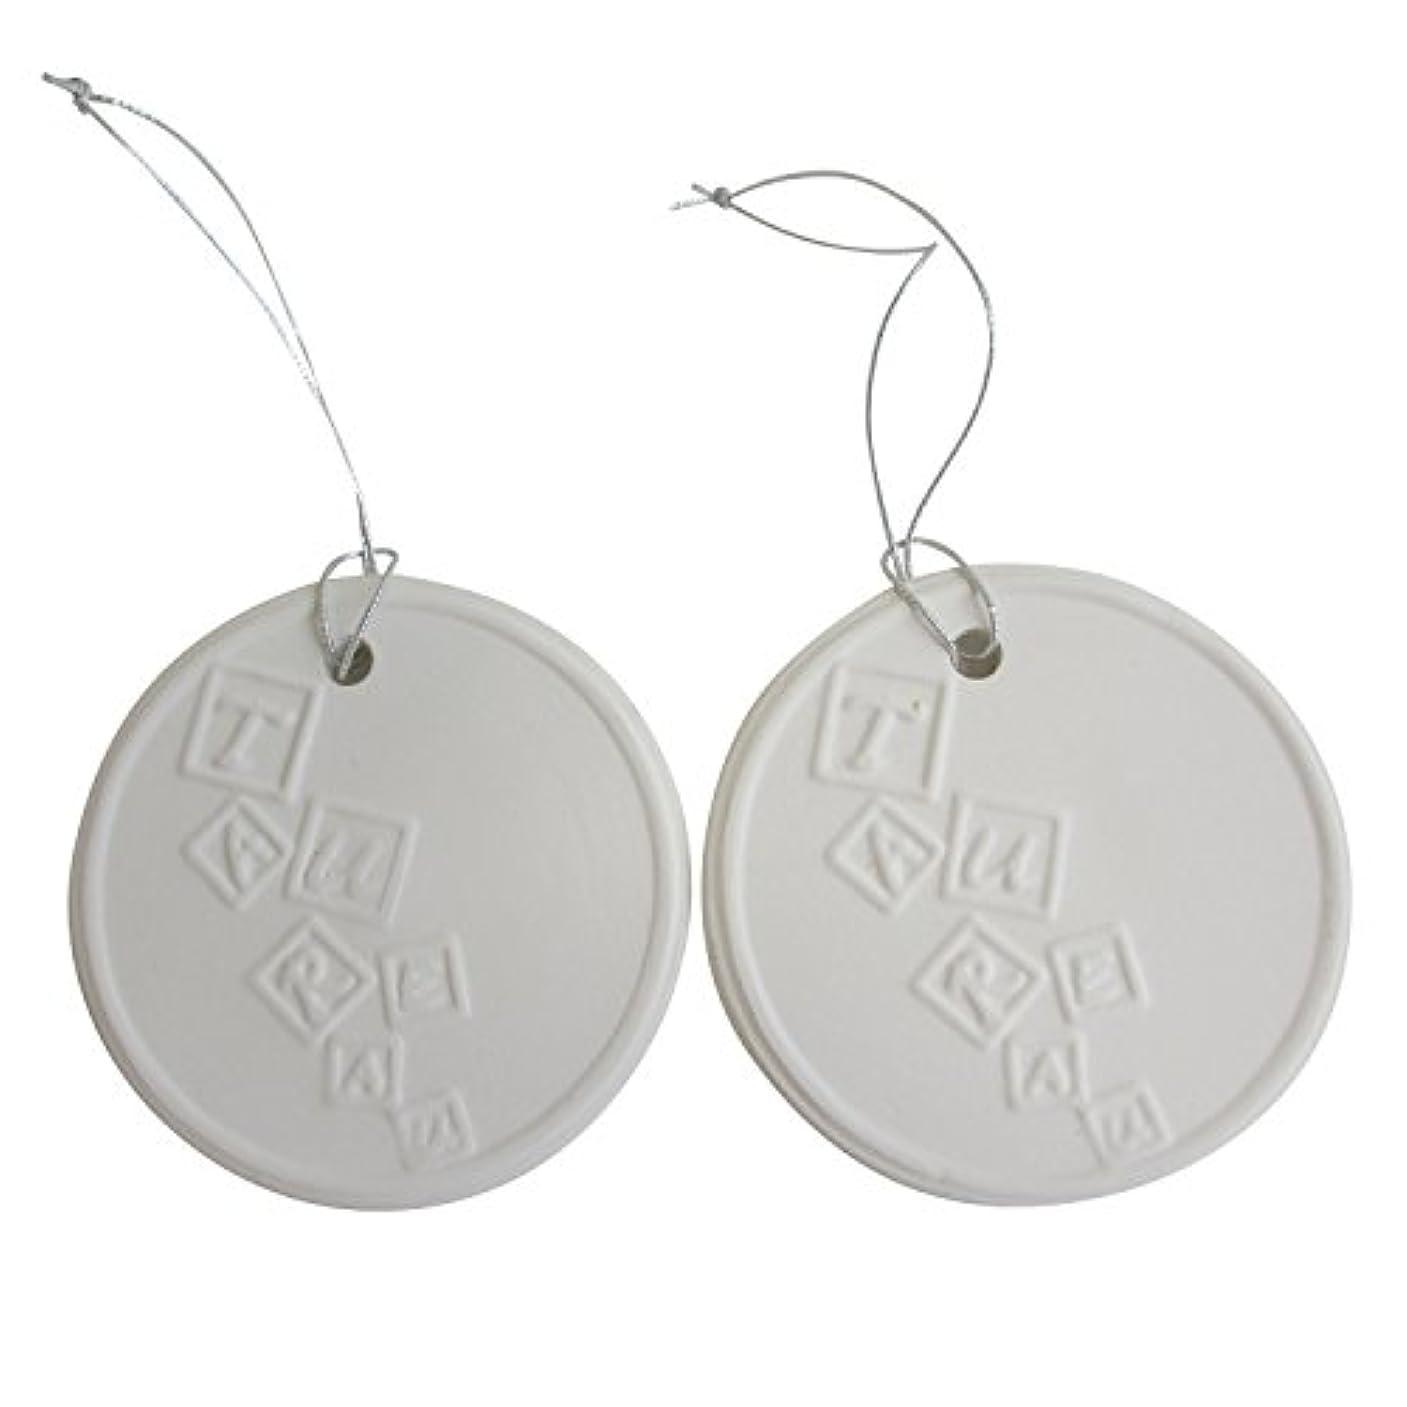 警報ラリーベルモントスイアロマストーン ホワイトコイン 2セット(ロゴ2) アクセサリー 小物 キーホルダー アロマディフューザー ペンダント 陶器製